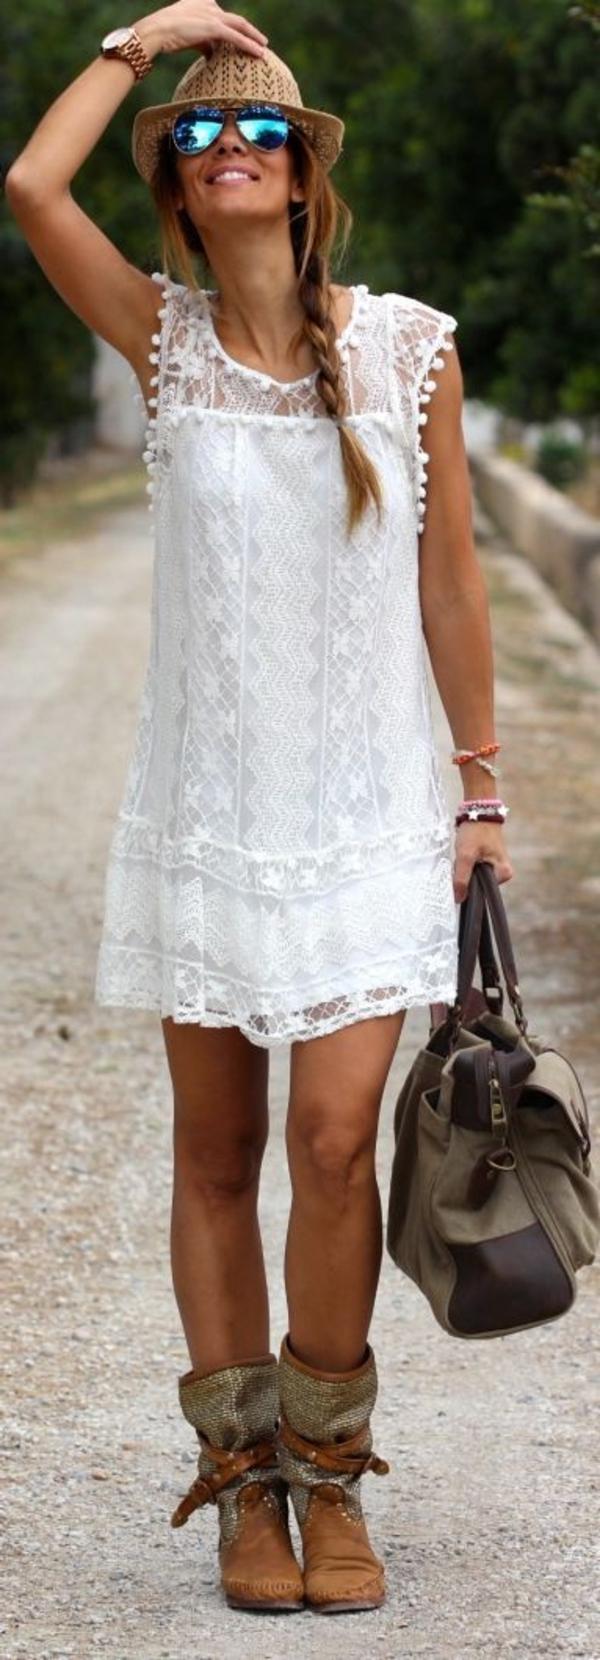 robe-hippie-chic-robe-blanche-avec-dentelle